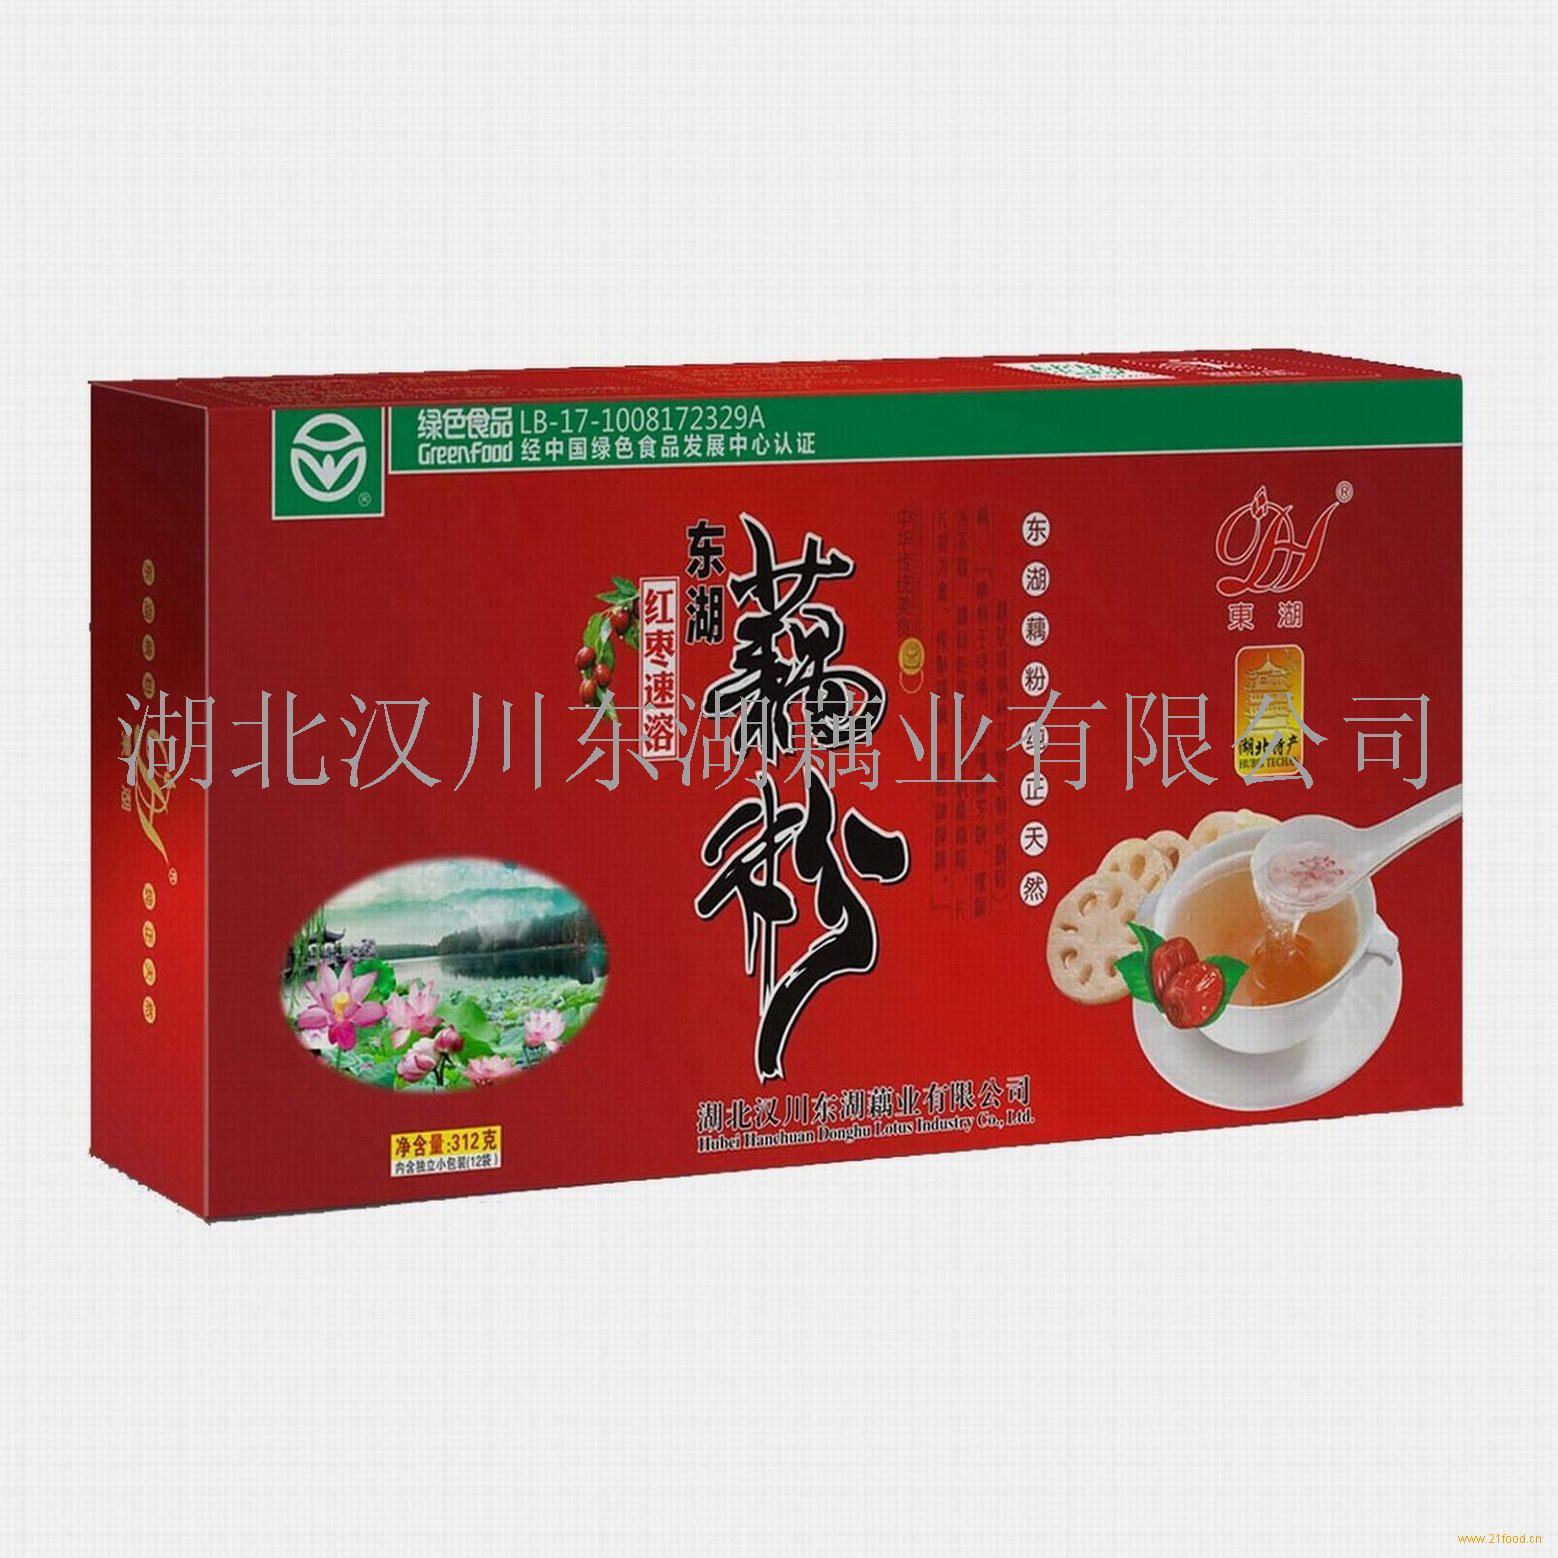 湖北特产盒装红枣藕粉